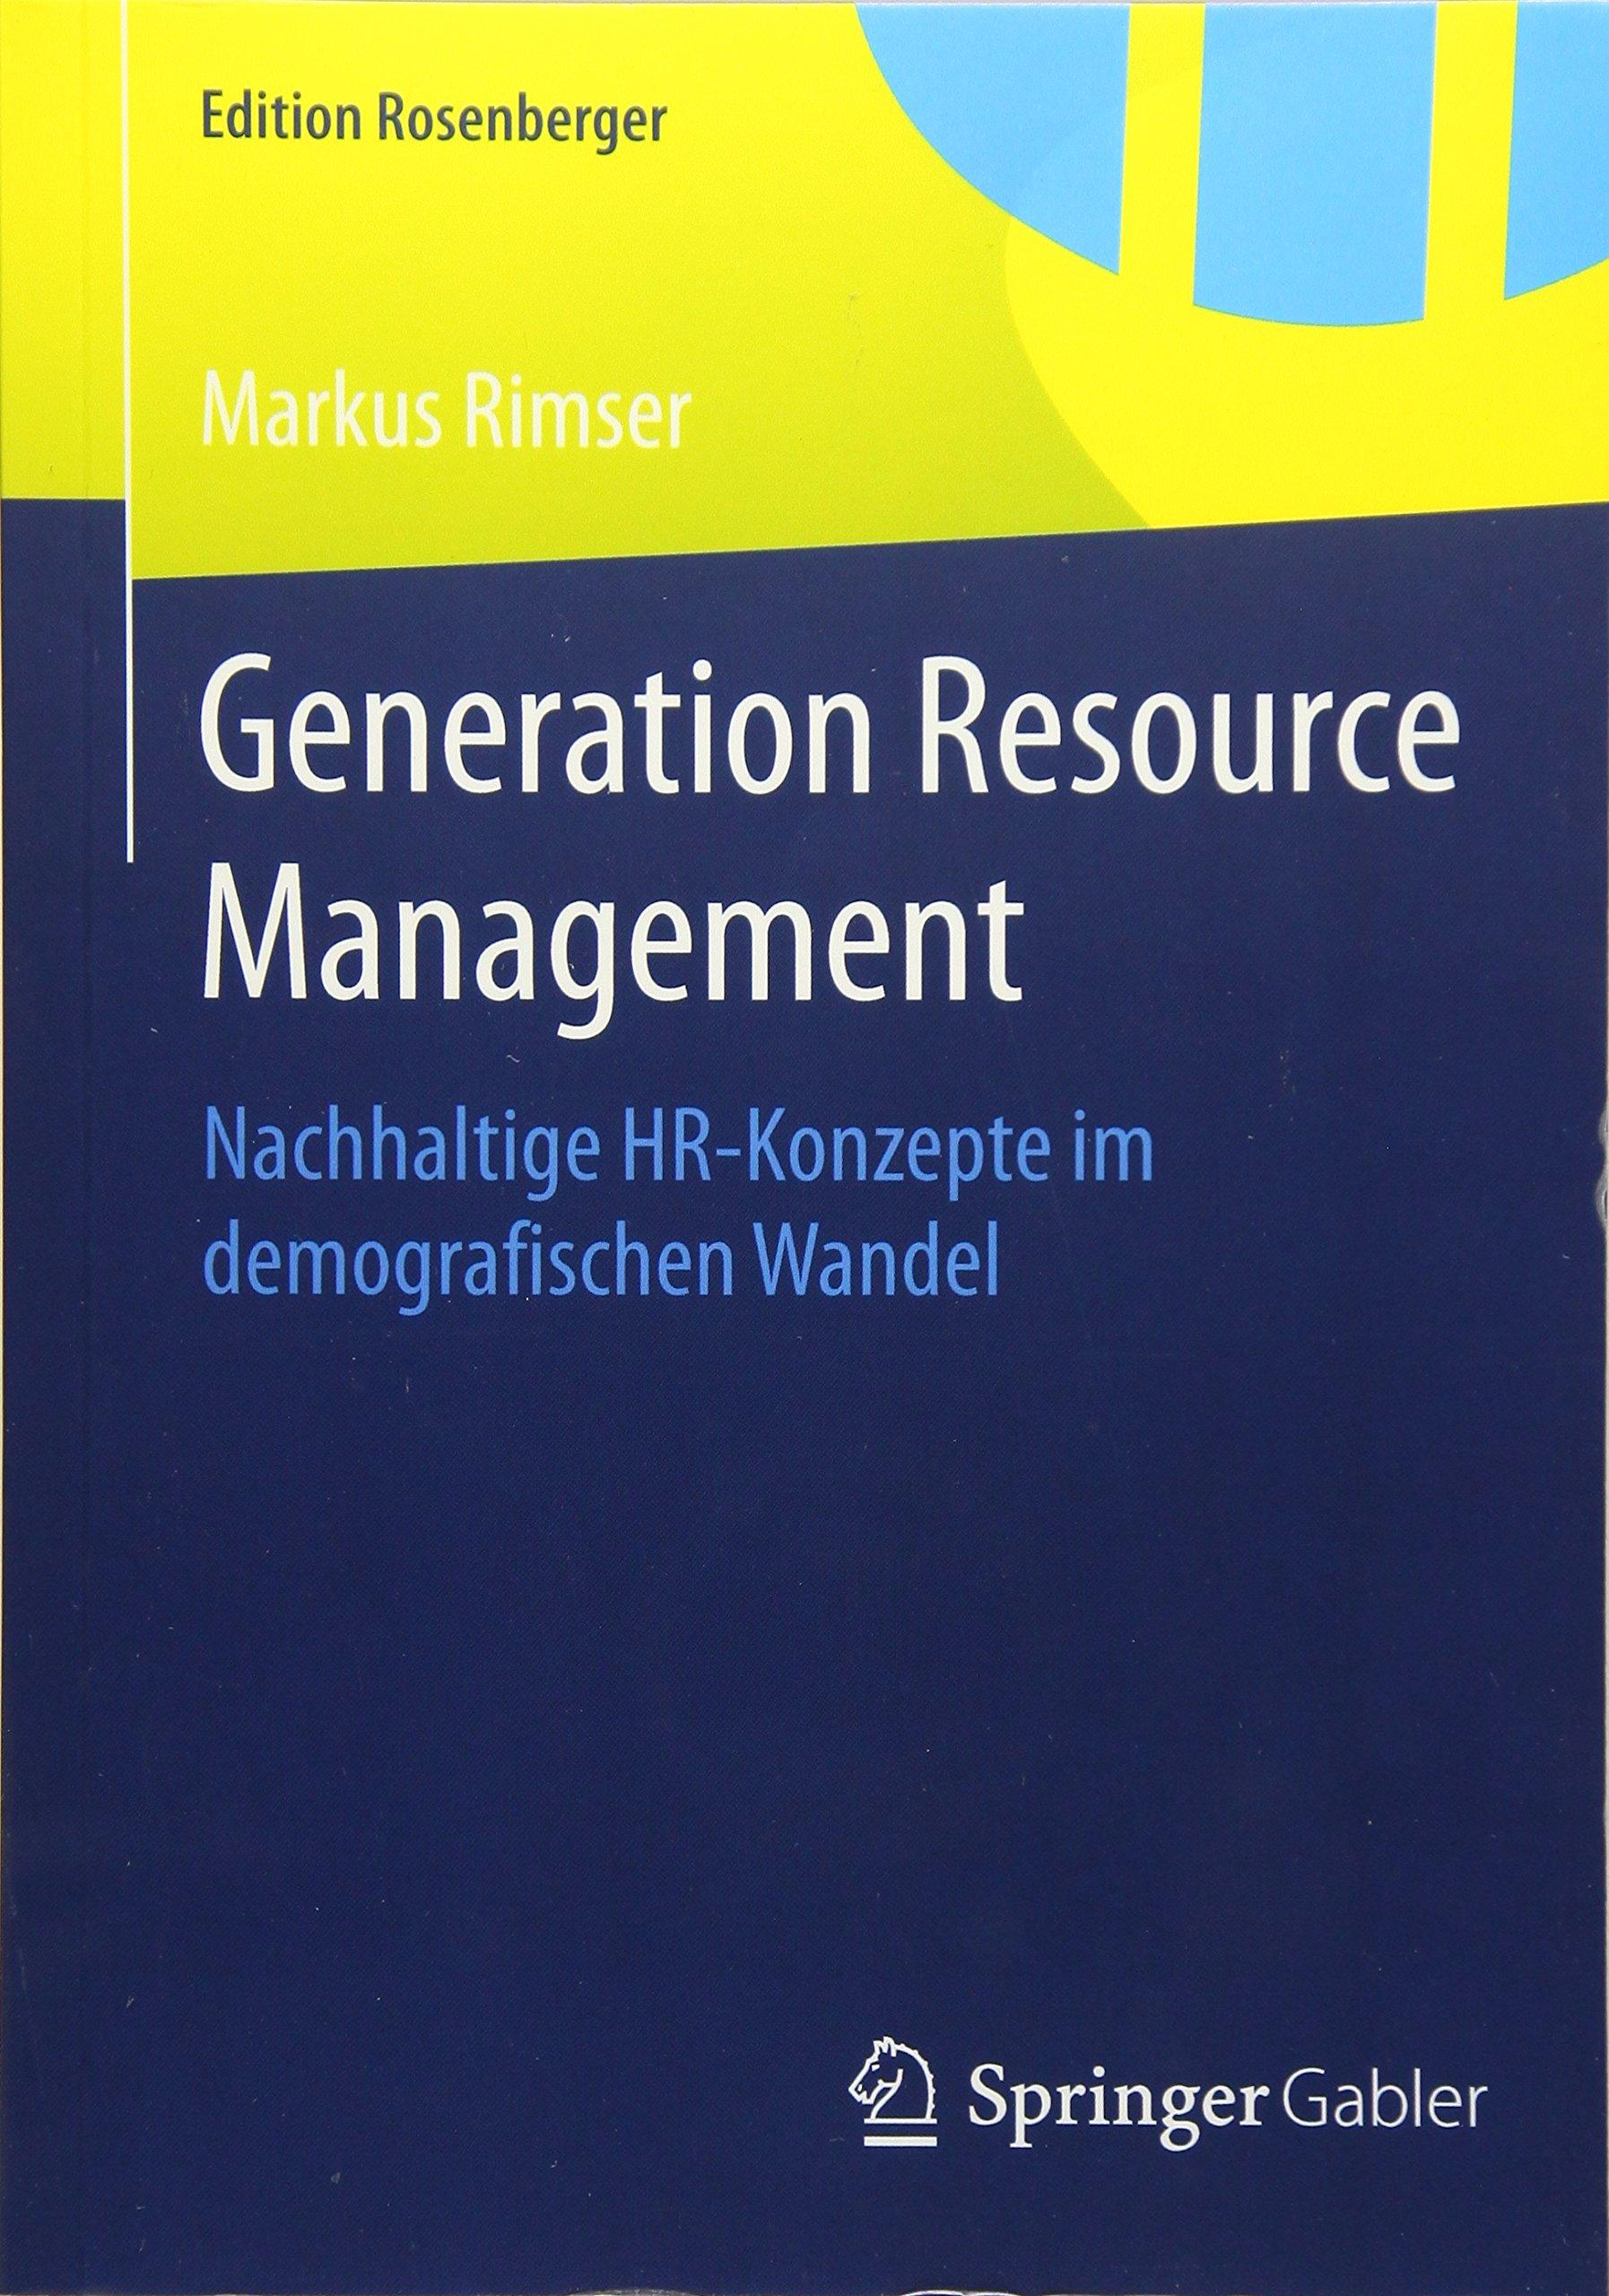 Generation Resource Management: Nachhaltige HR-Konzepte im demografischen Wandel (Edition Rosenberger) Taschenbuch – 9. Januar 2015 Markus Rimser Springer Gabler 3658078278 Betriebswirtschaft